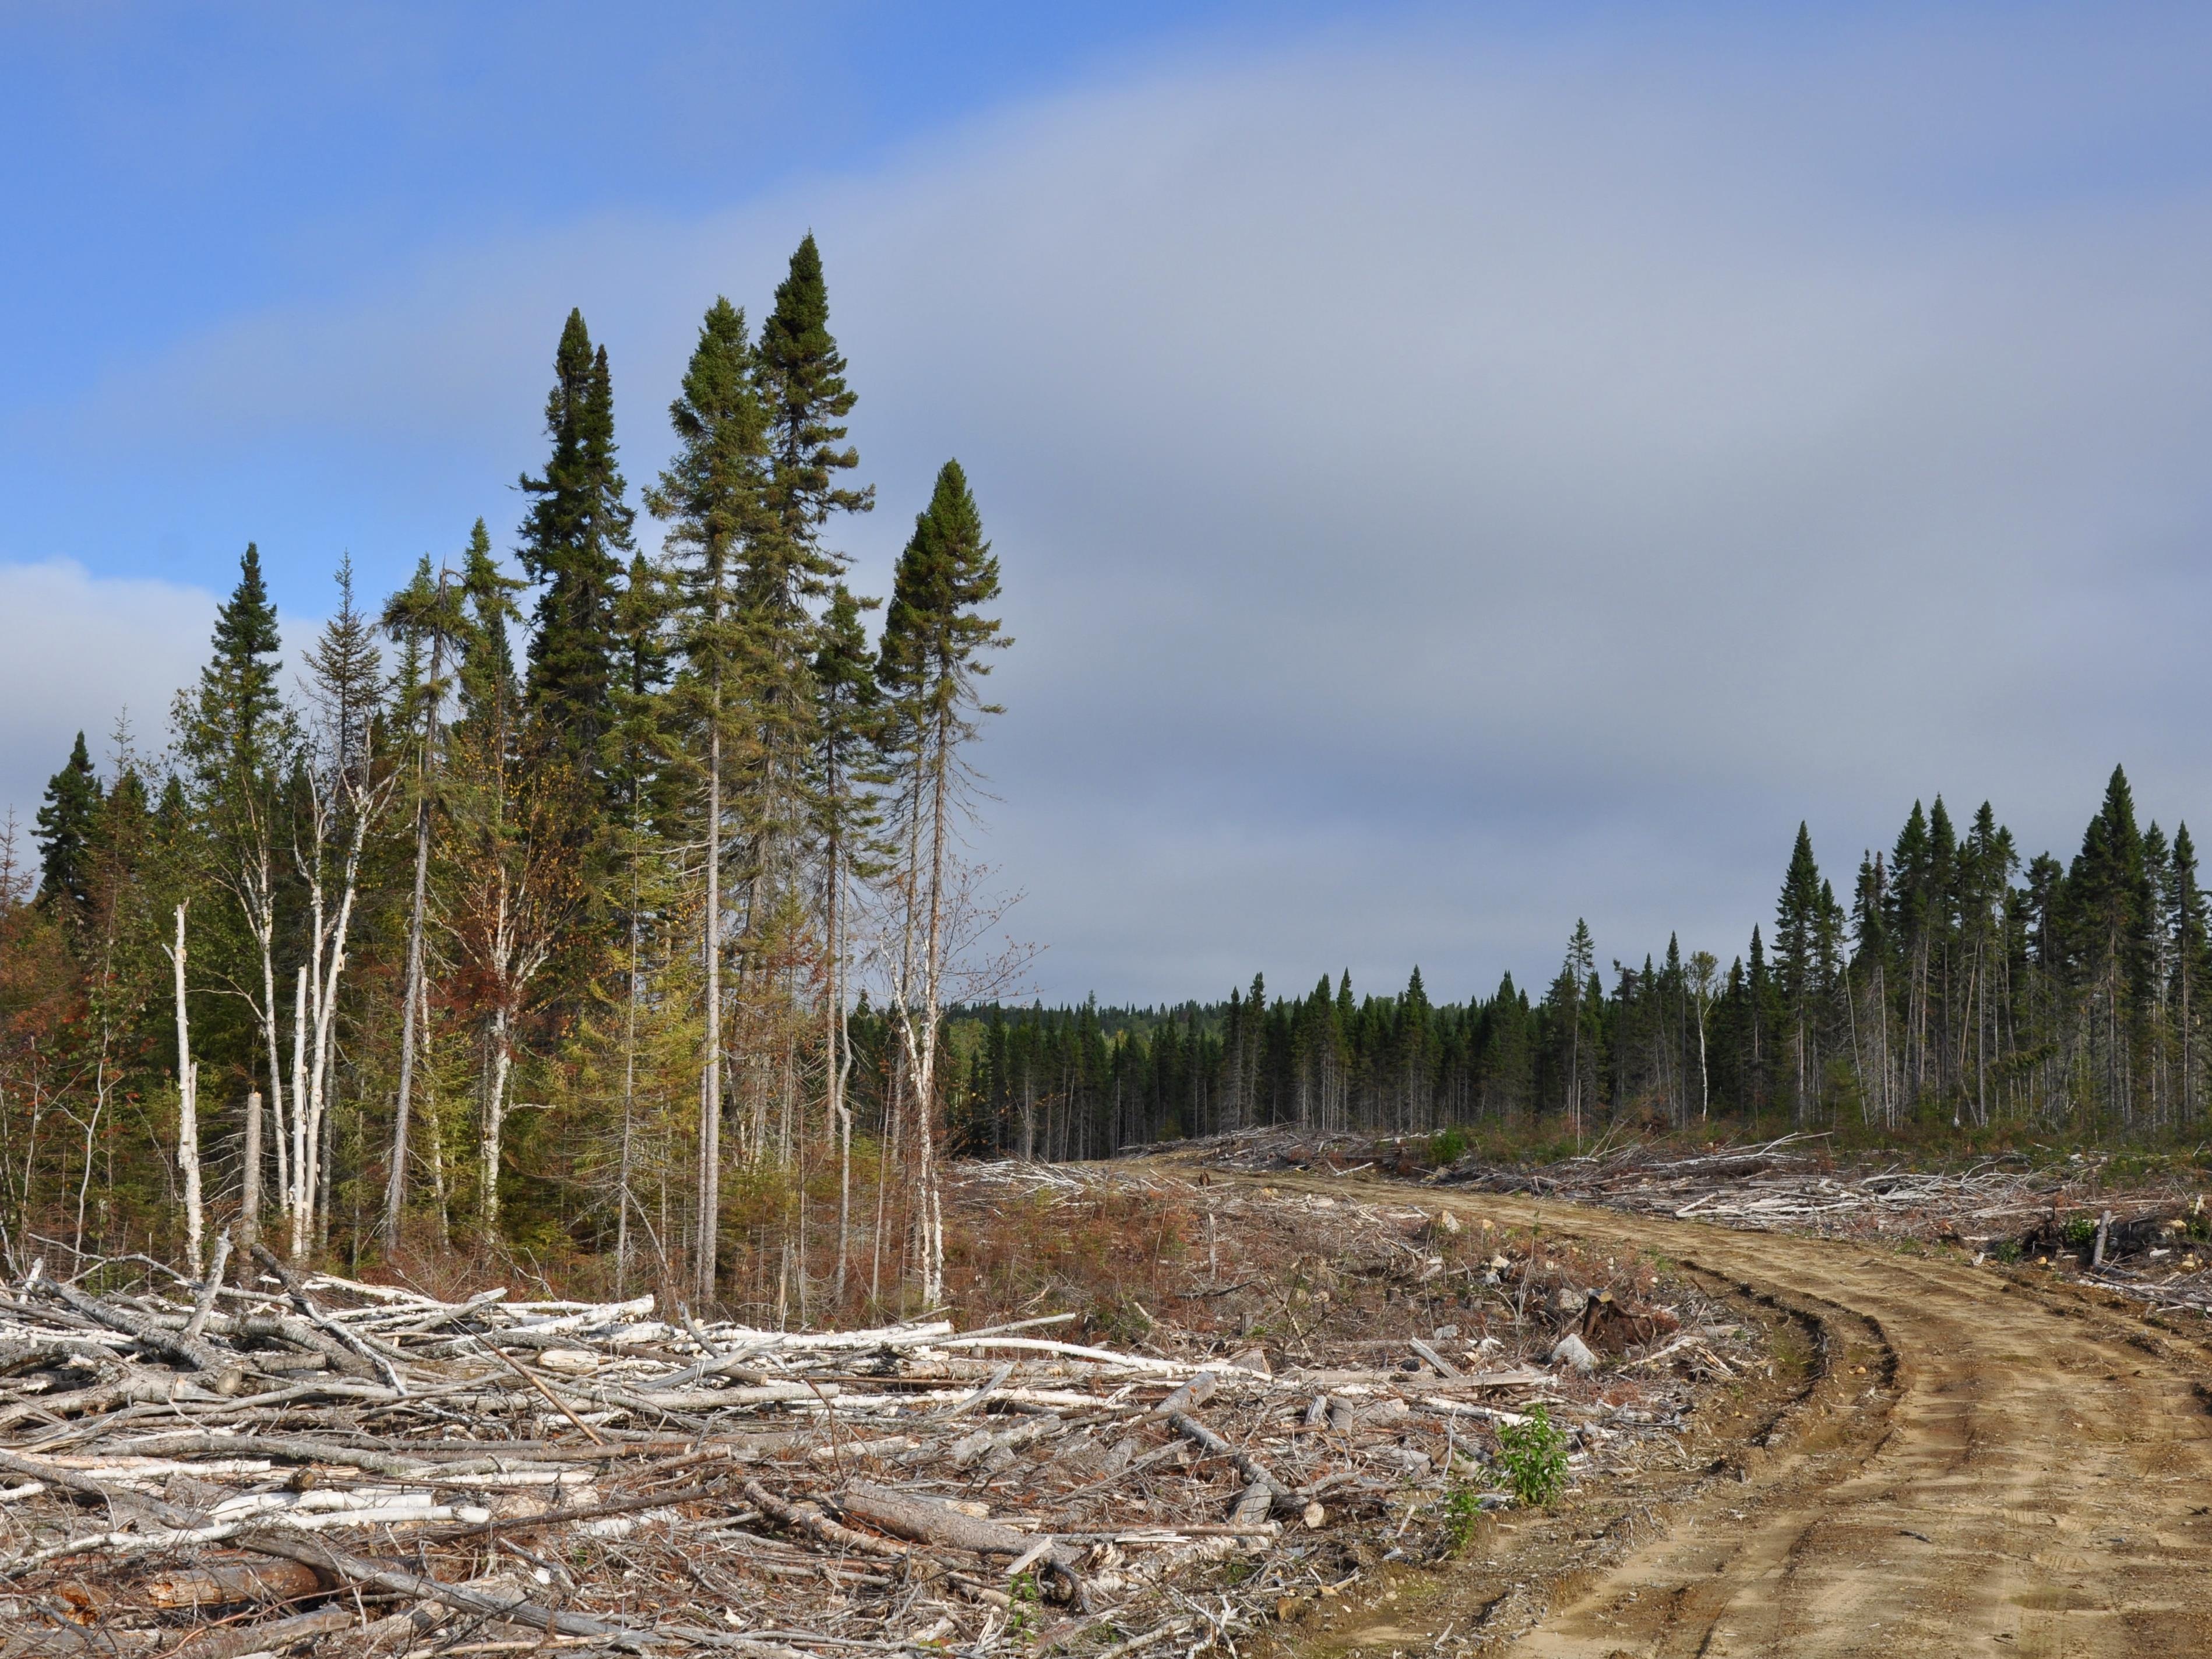 Billes de bois le long du chemin forestier de la pourvoirie Waban-aki.